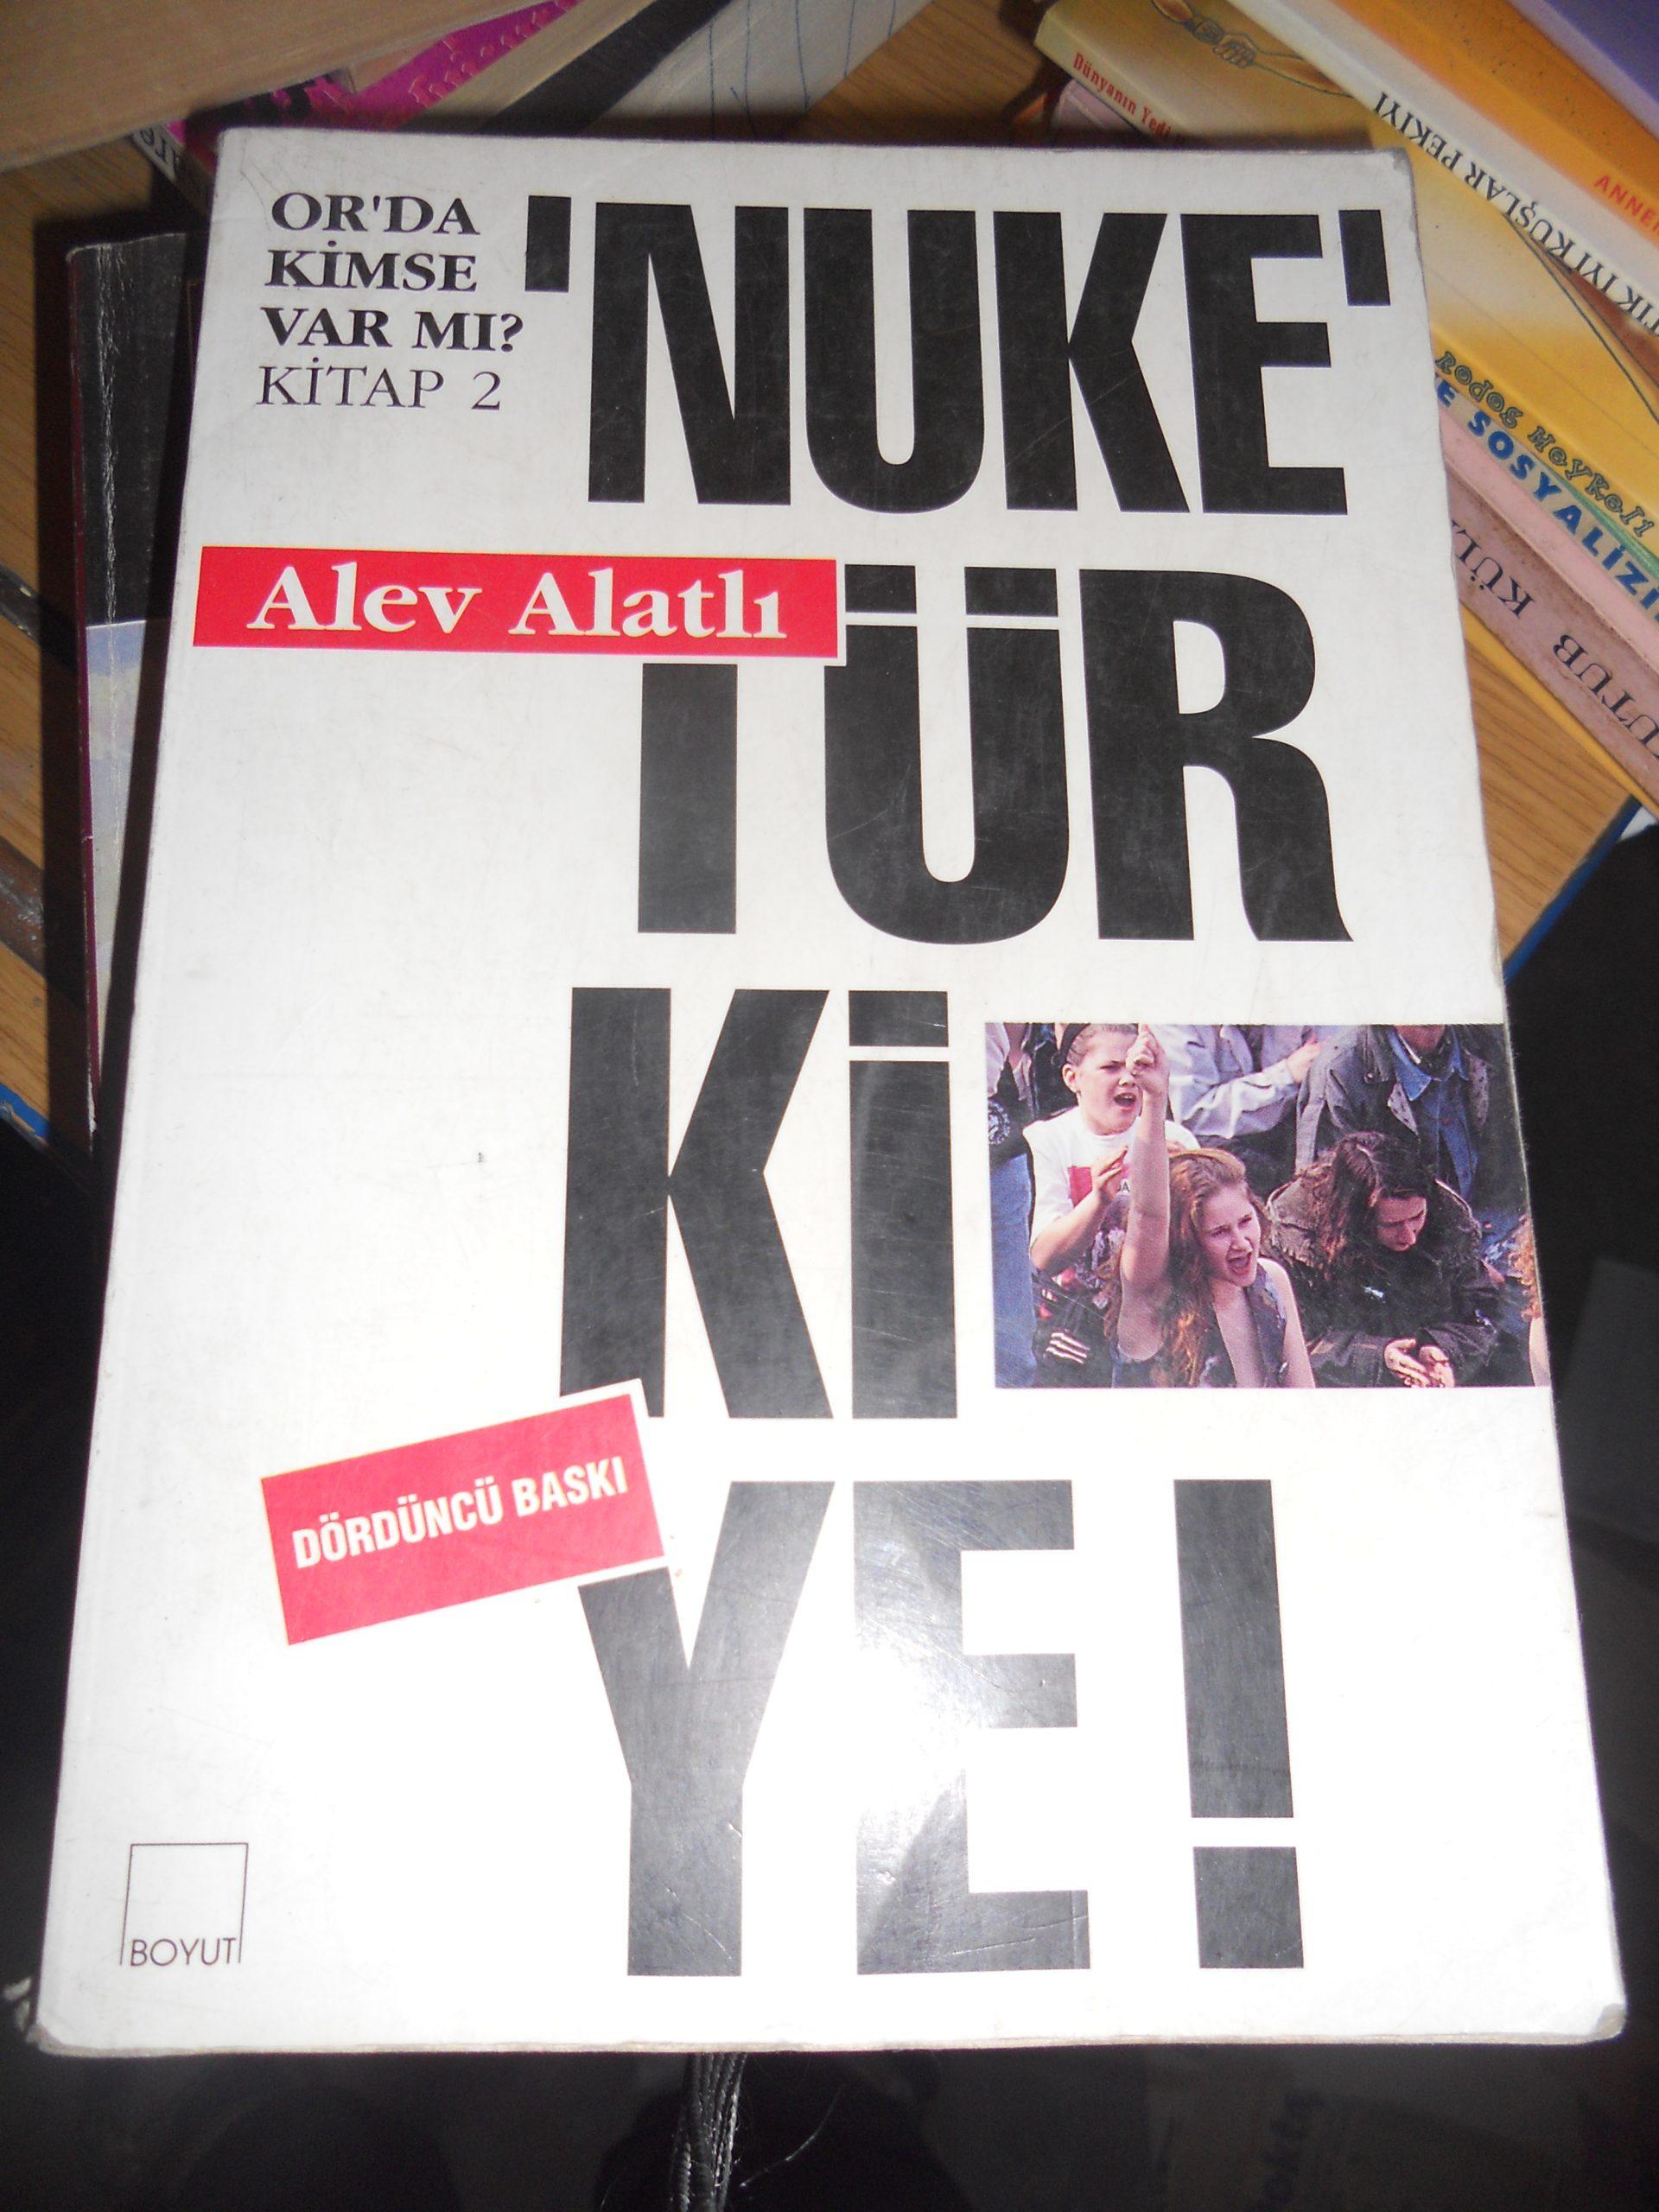 """""""NUKE"""" TÜRKİYE-Or'da Kimse Var mı? -Kitap 2/Alev Alatlı/15  TL"""